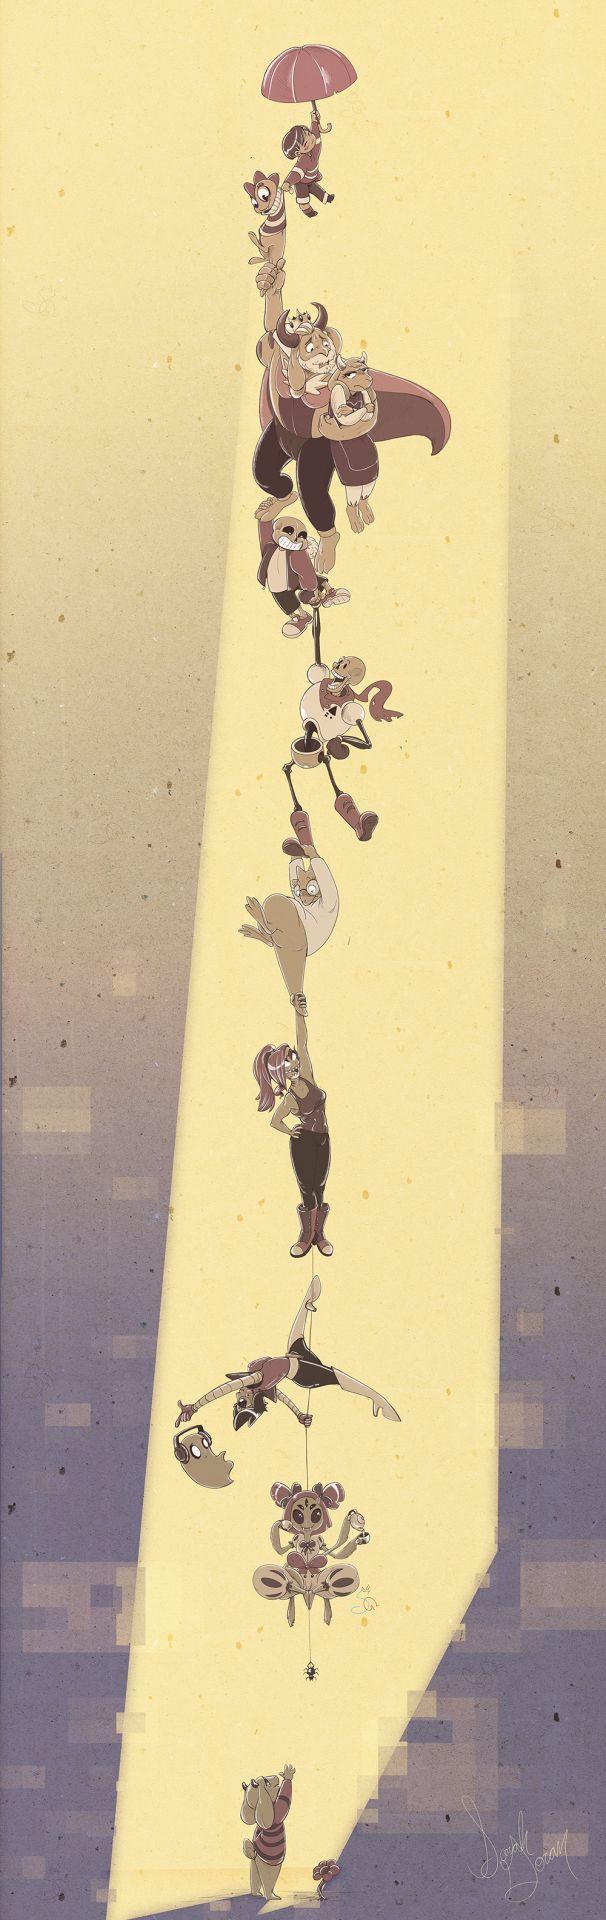 Asriel, no....don't leave him